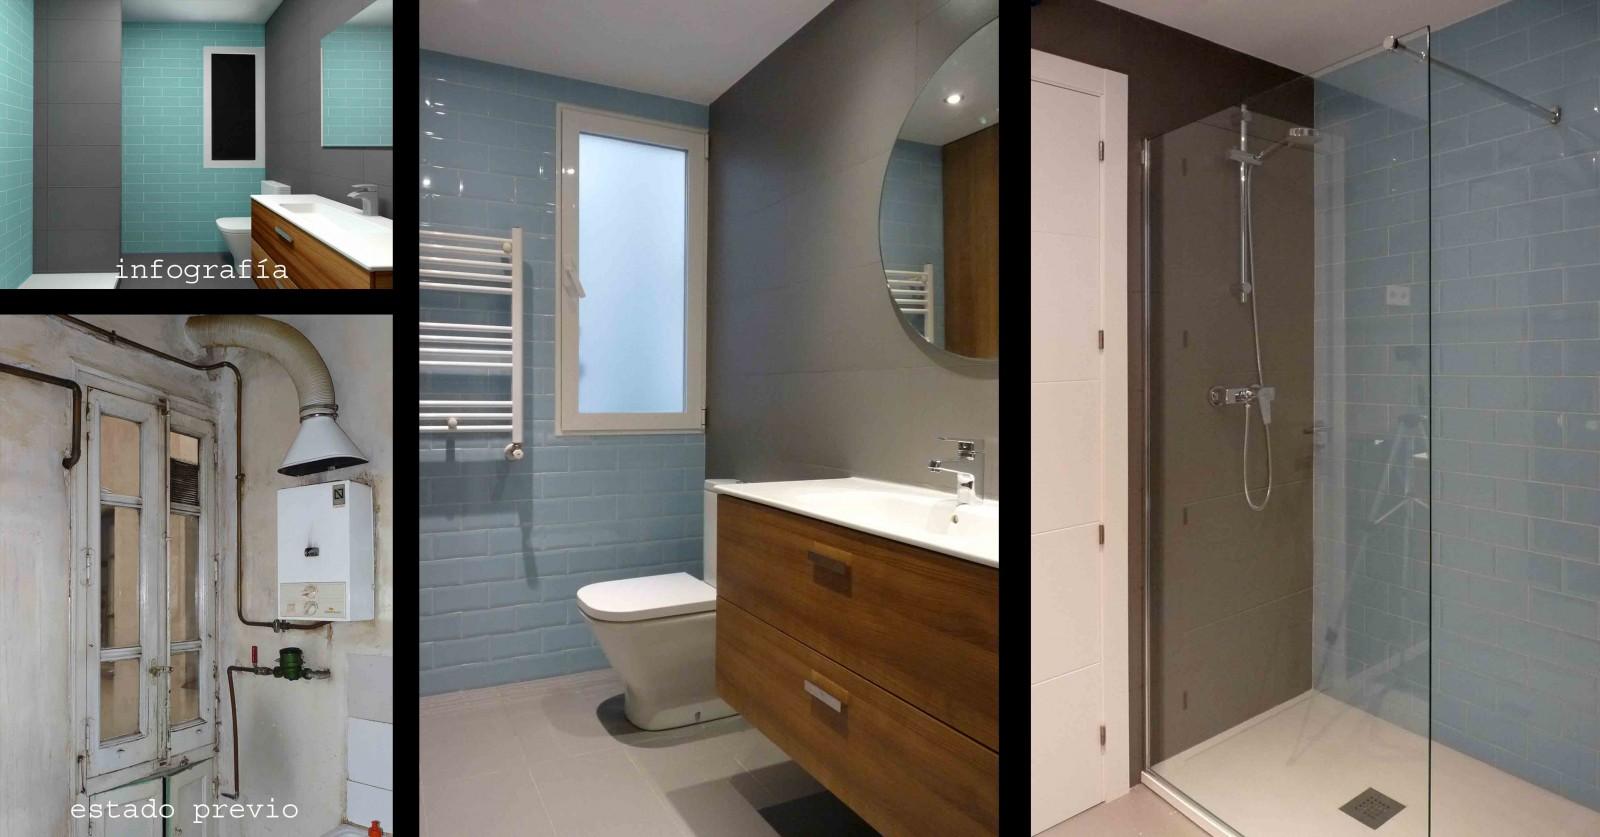 Baño de cortesía con el mismo estilo del baño en suite pero en tonos azules.